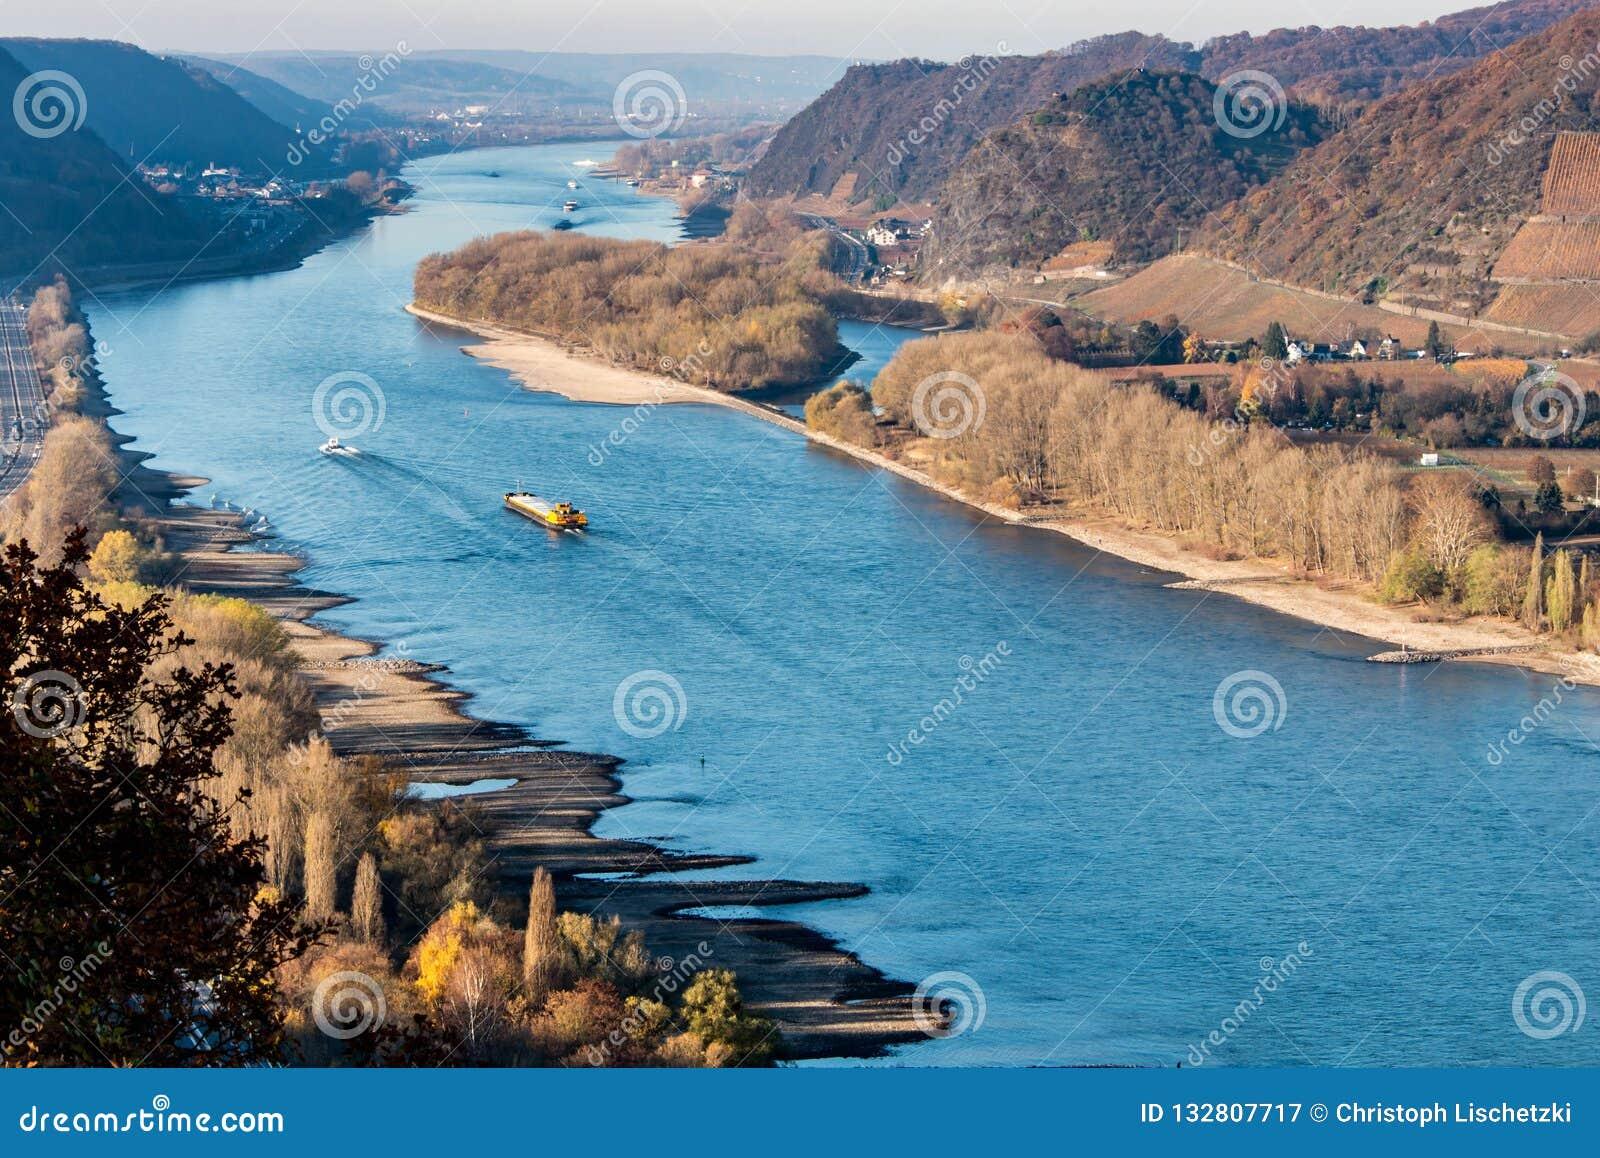 Ξηρασία στη Γερμανία, χαμηλό νερό του ποταμού του Ρήνου σκάφη φορτίου μεταφορών νερού andernach koblenz πλησίον στα influending